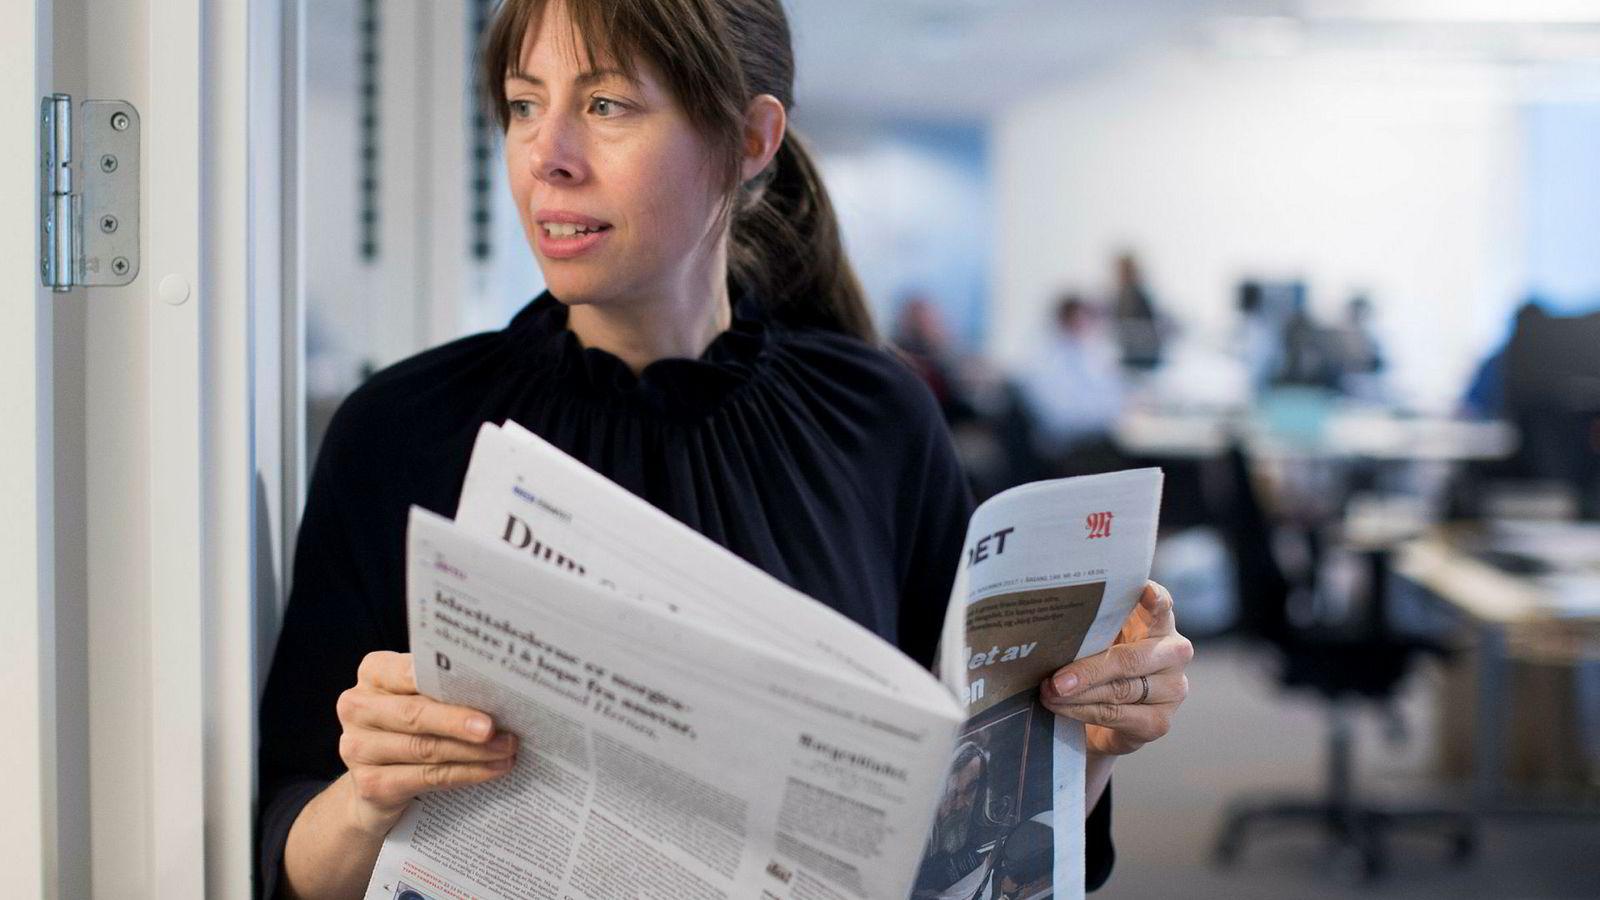 Ansvarlig redaktør Anna B. Jenssen i Morgenbladet bekrefter at hun har mottatt brevet fra klubben.